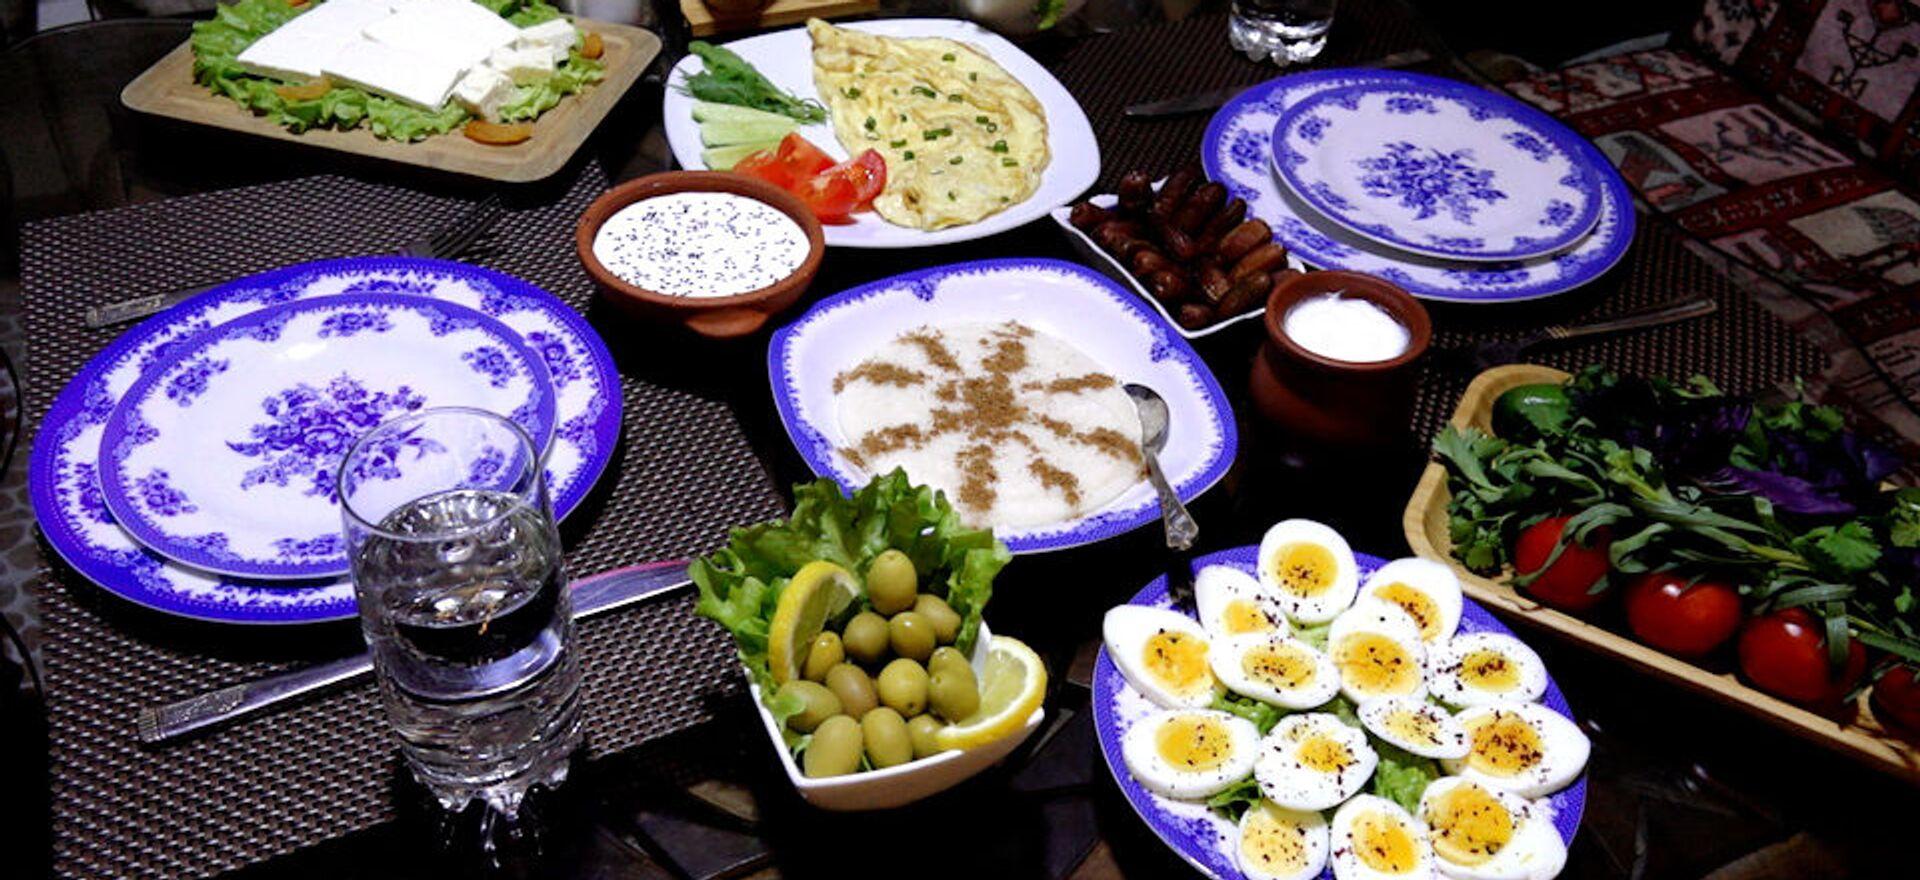 Правильное начало дня в Рамазан: меню для имсака – видео - Sputnik Азербайджан, 1920, 14.04.2021